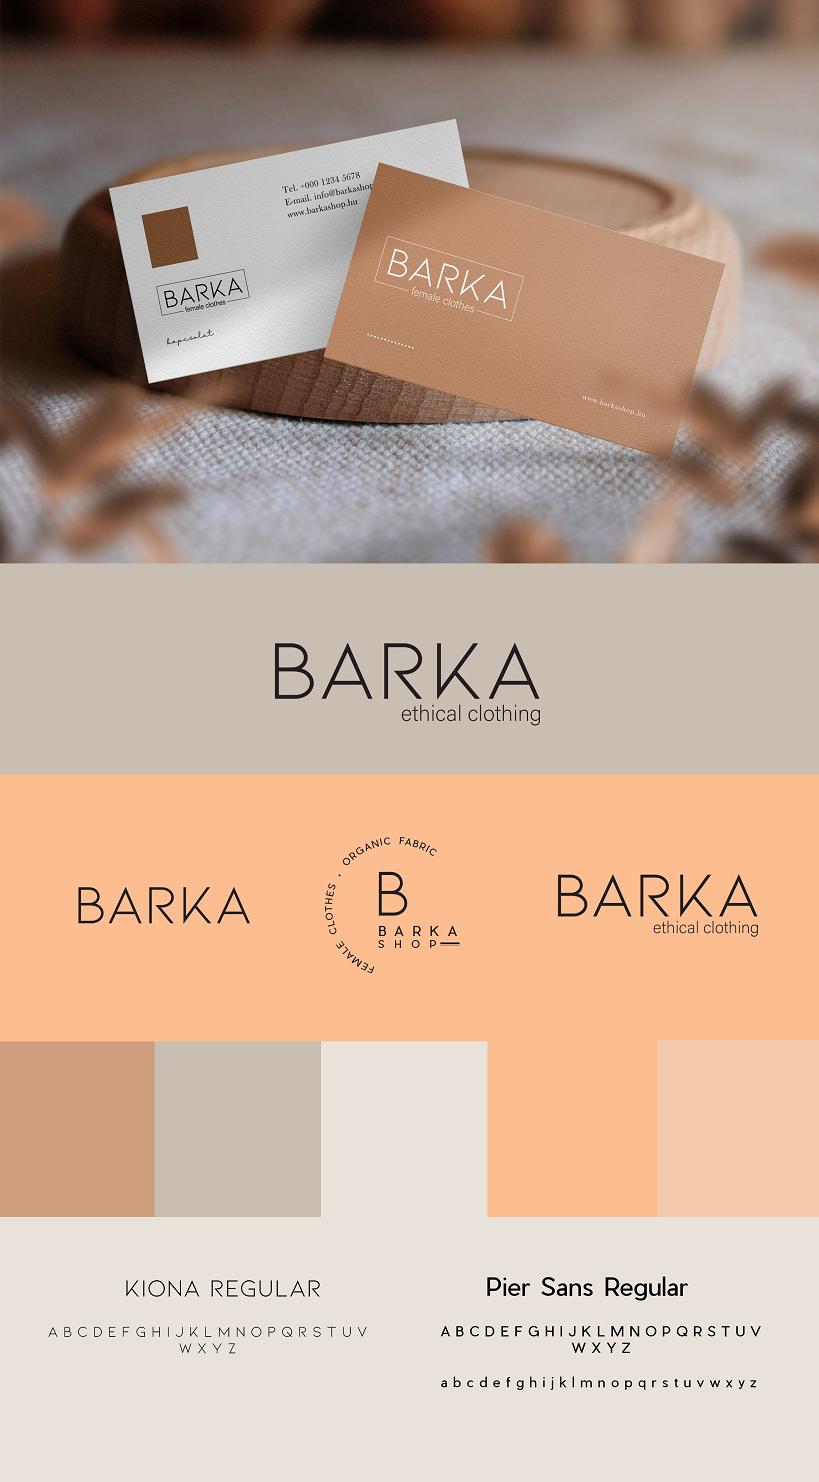 barka_paper